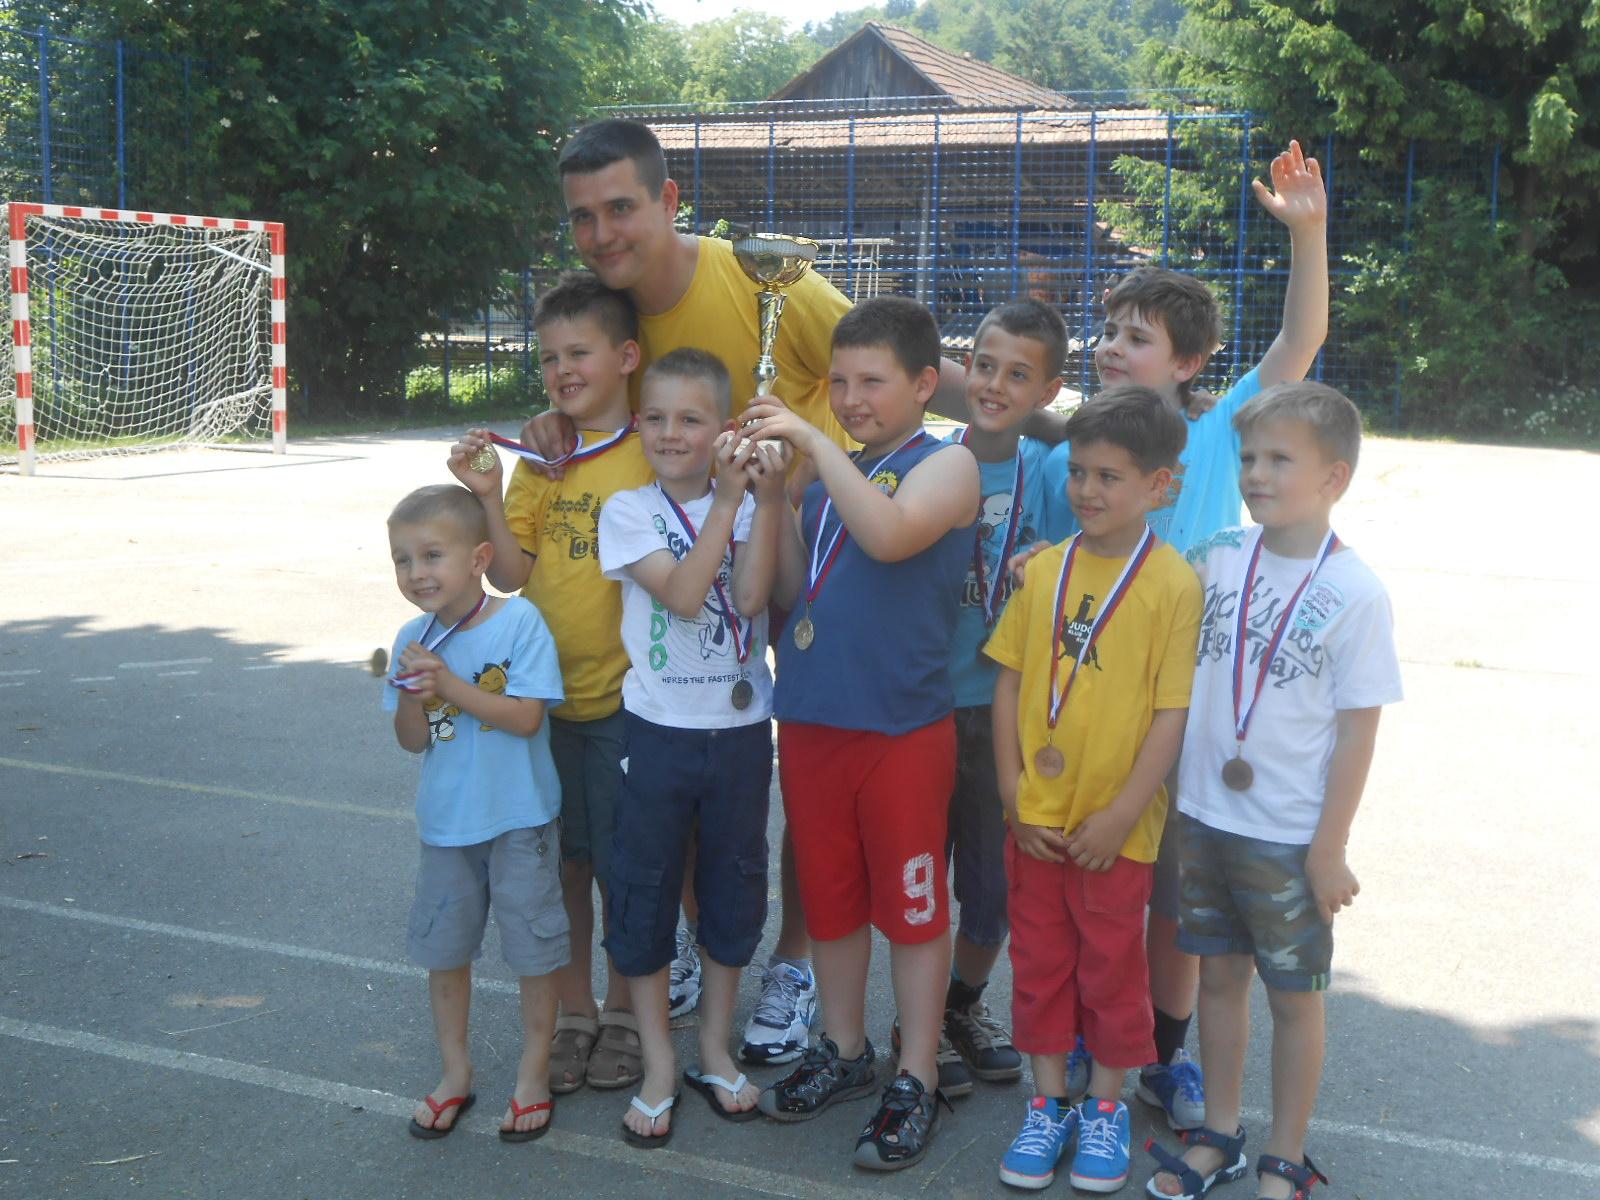 Lan, Leo, Danil in Eneja oba zlato osvojili so. Ostali domov bron prinesli so. Ekipno smo bili drugi.